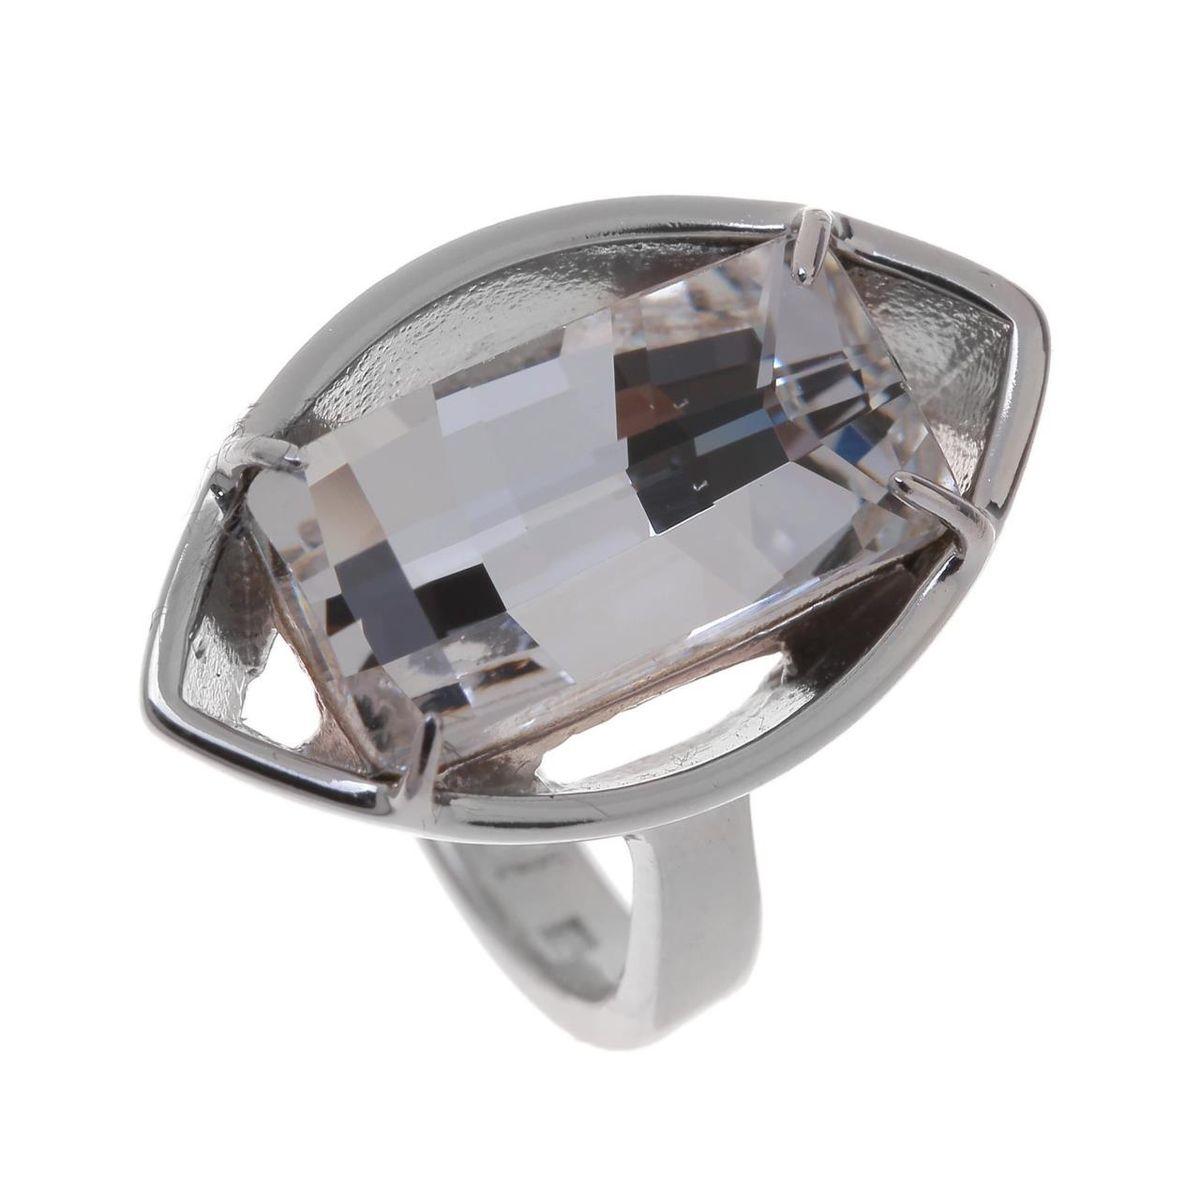 Кольцо Jenavi Коллекция Грани Диандера, цвет: серебряный, белый. r640f000. Размер 16r640f000Коллекция Грани, Диандера (Кольцо) гипоаллергенный ювелирный сплав,Серебрение c род. , вставка Кристаллы Swarovski , цвет - серебряный, белый, размер - 16 избегать взаимодействия с водой и химическими средствами